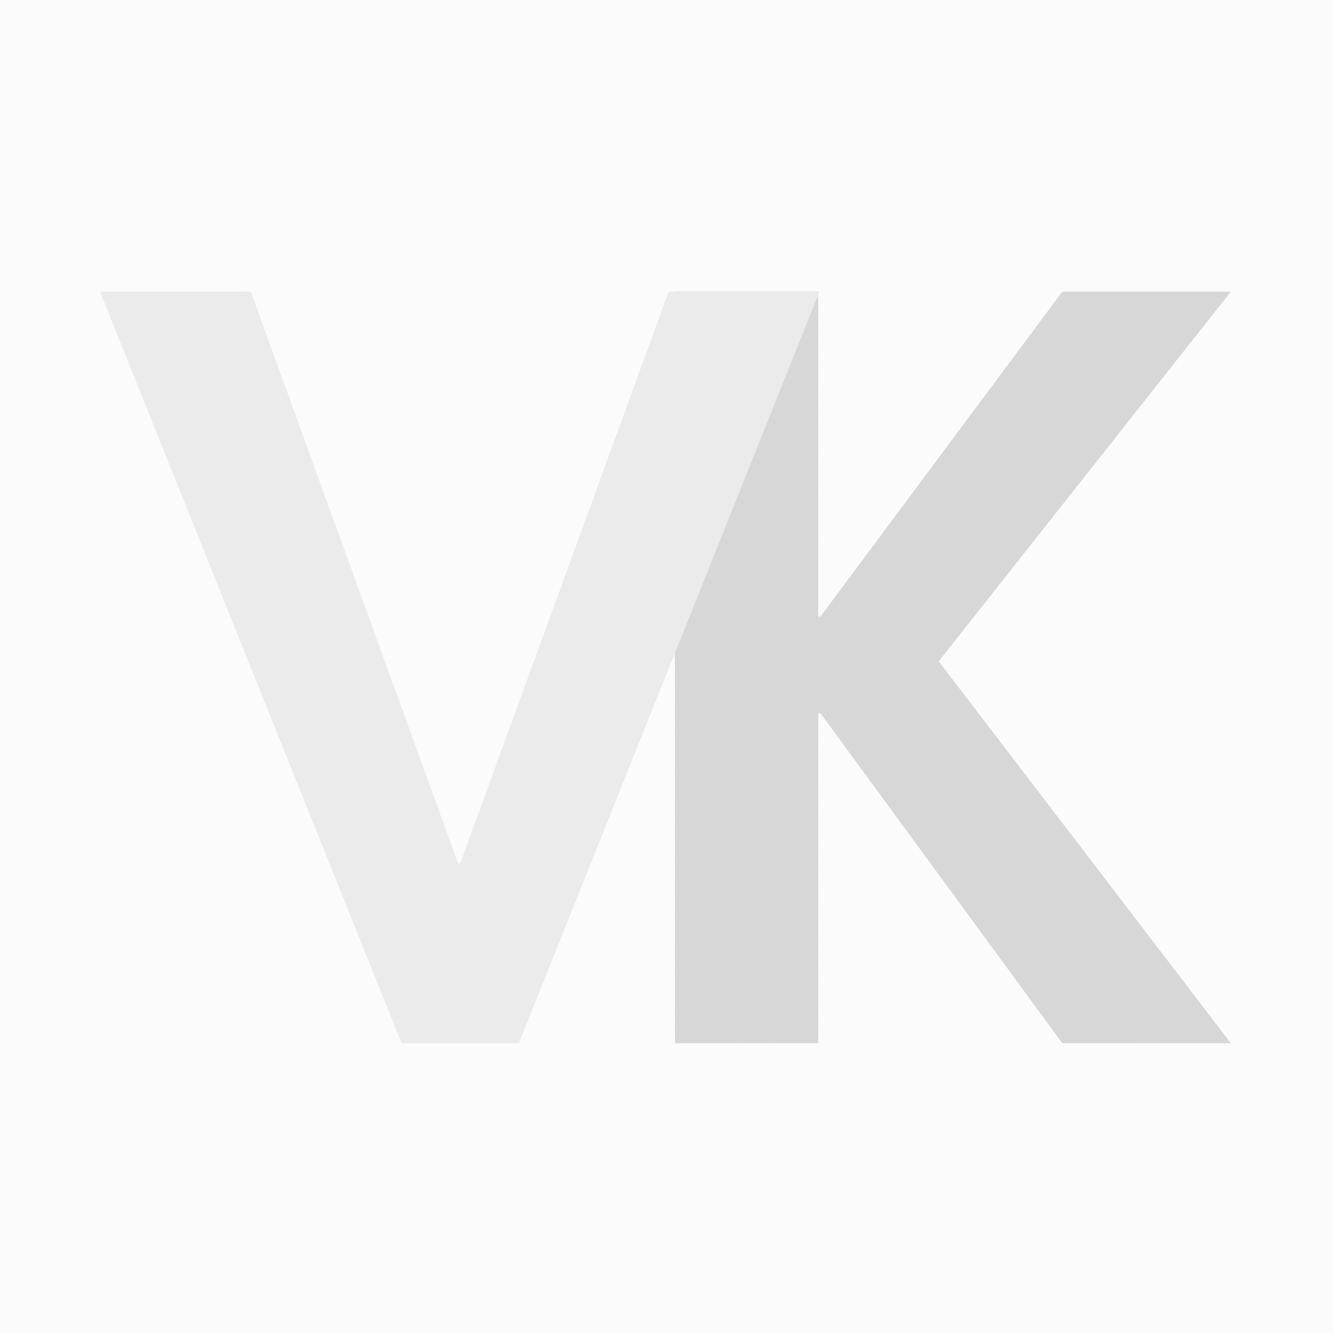 Kyone 780 Kappersschaar 6.0